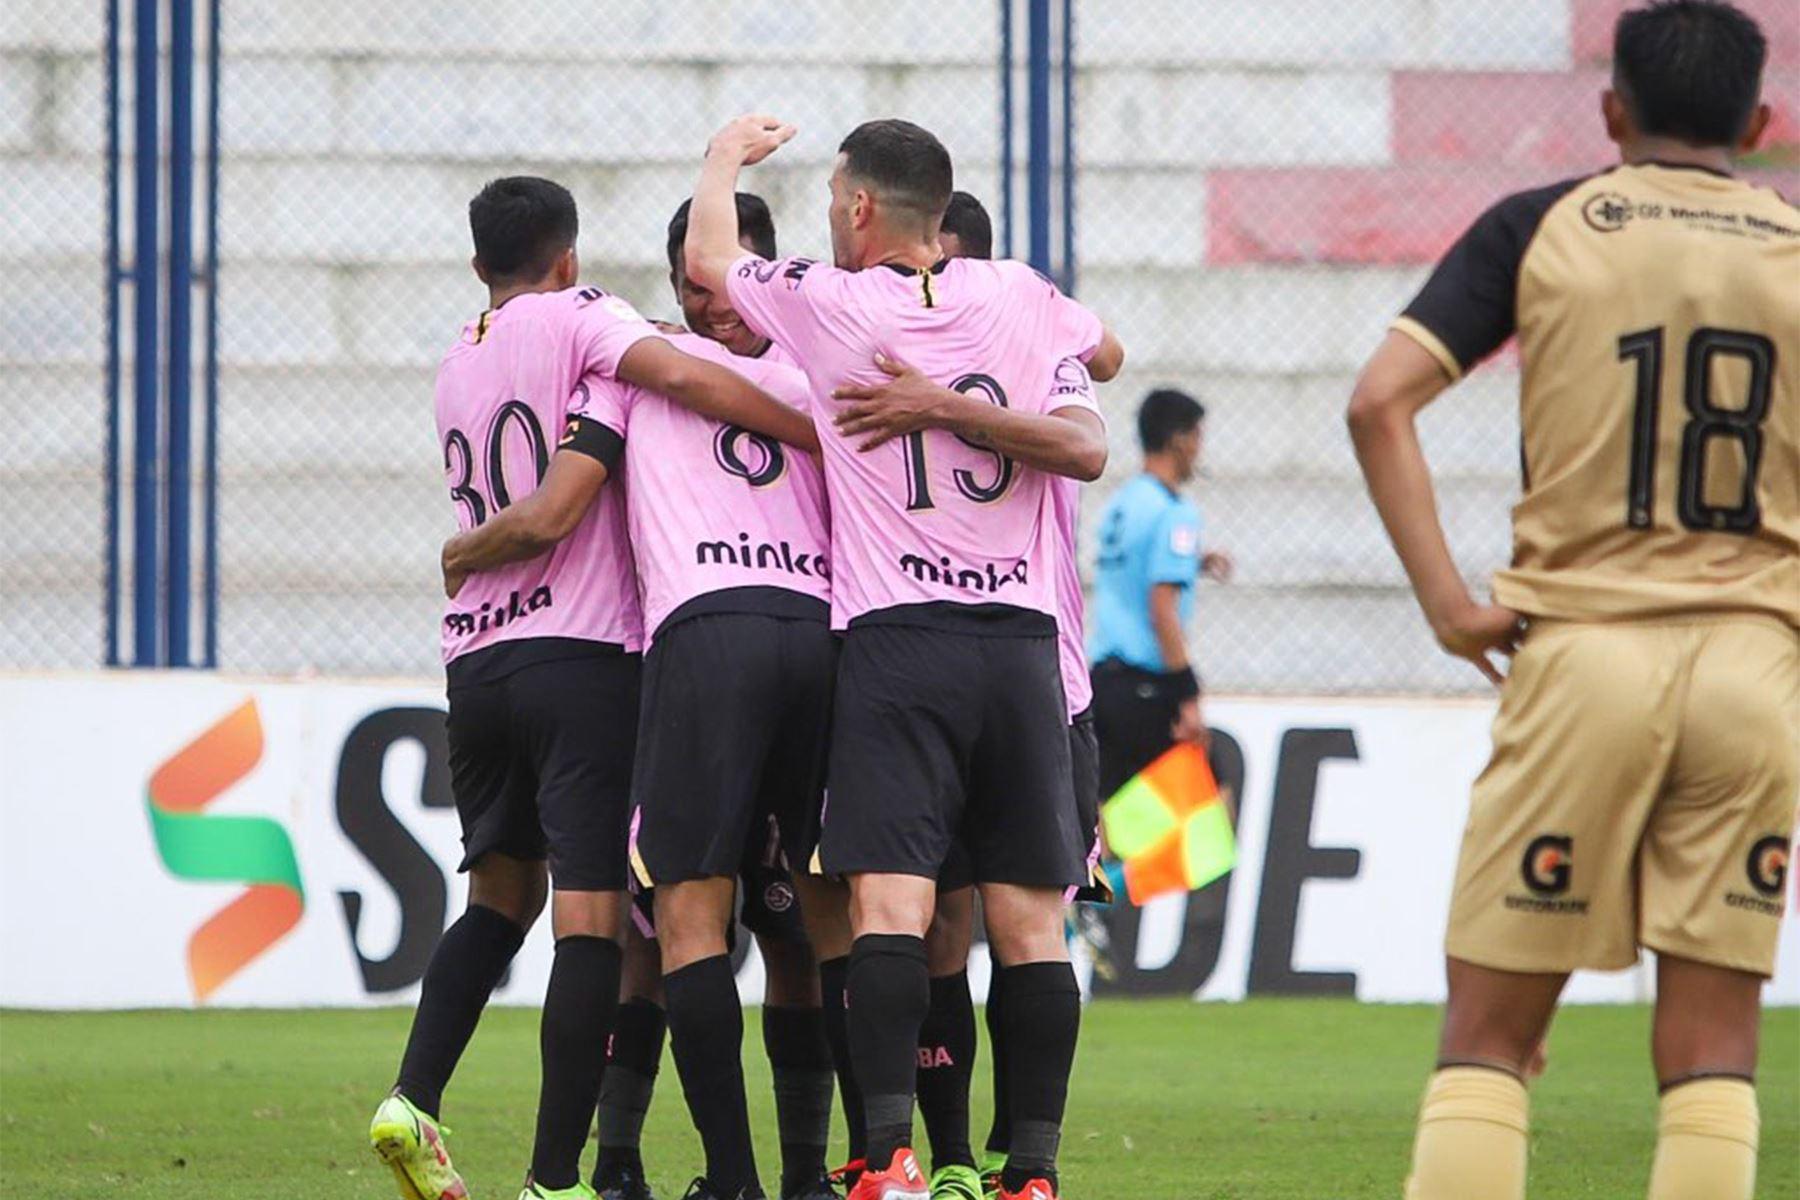 El futbolista Joao Villamarín de Sport Boys celebra su gol anotado  ante  el Cusco FC durante el partido de la fecha 12 de la Liga 1 en el estadio Iván Elías Moreno en Villa el Salvador. Foto: @LigaFutProf